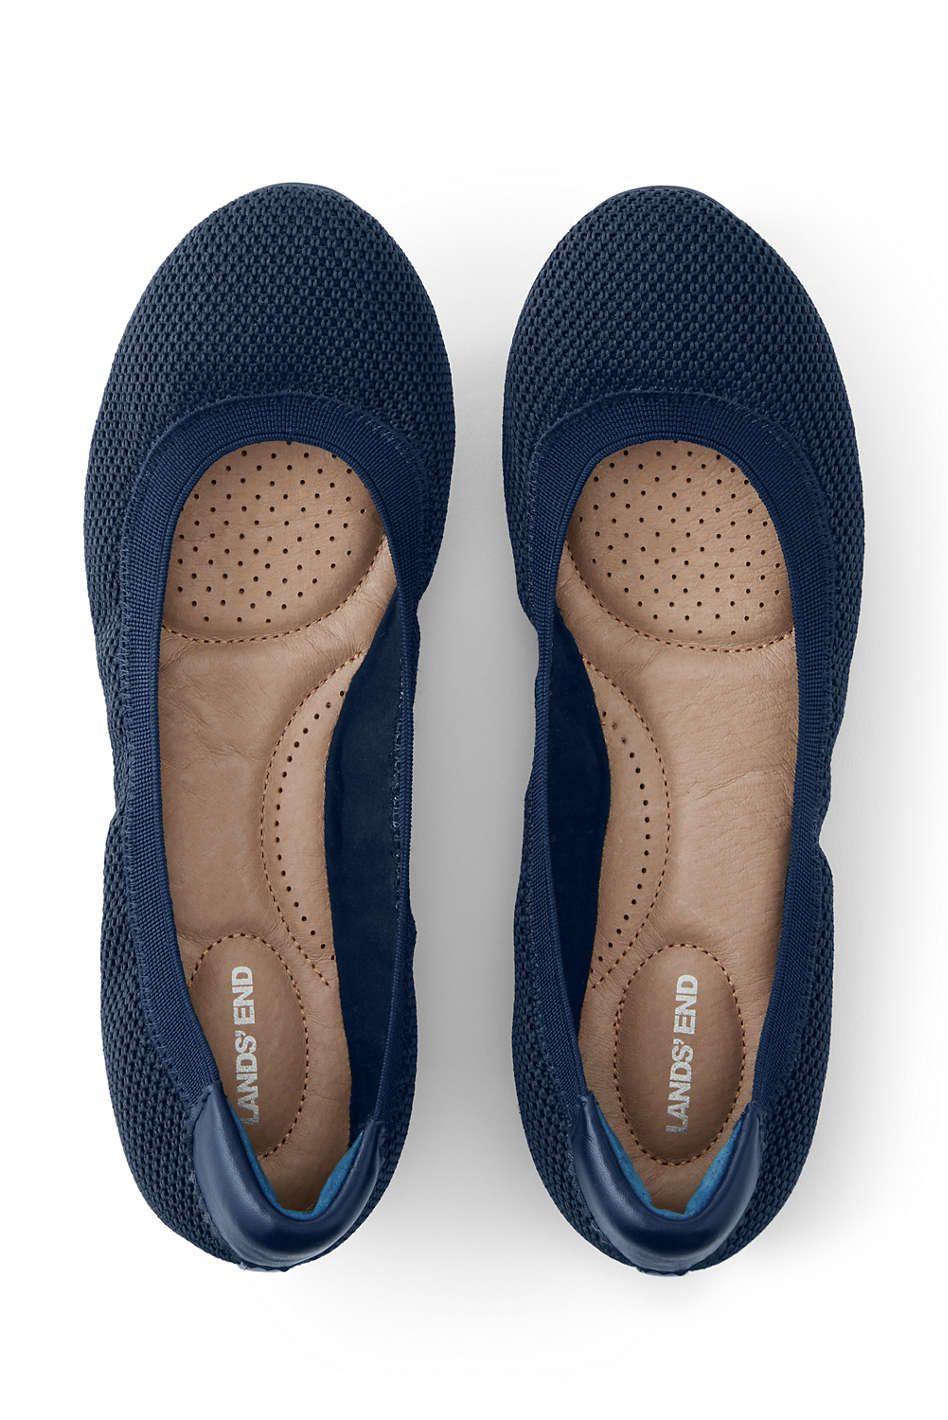 26a4a3b1133a Women's Wide Comfort Elastic Mesh Ballet Flats   ! Wardrobe ...